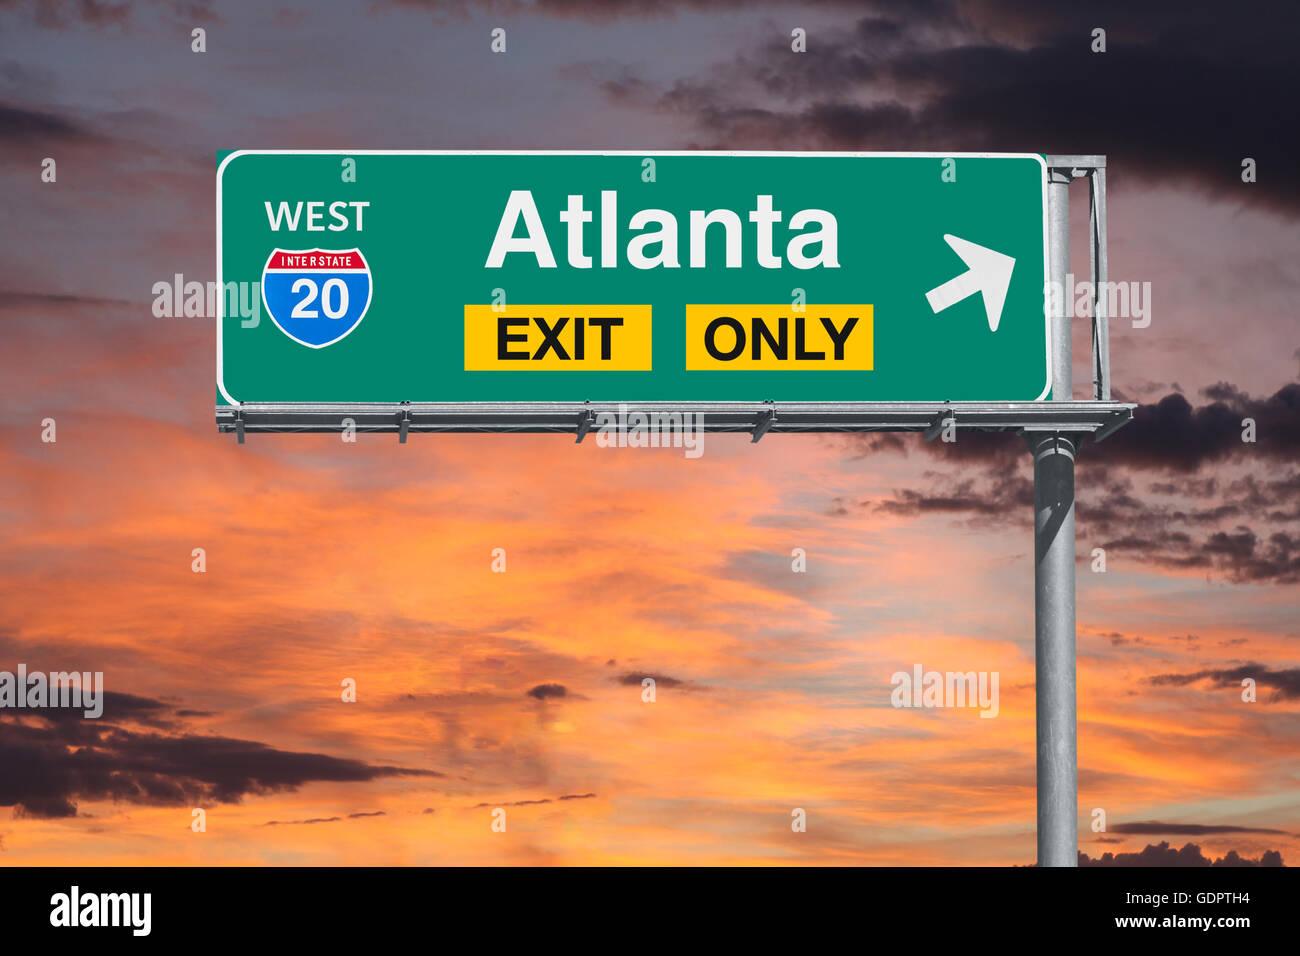 Atlanta in Georgia uscita autostrada solo segno con sunrise sky. Immagini Stock